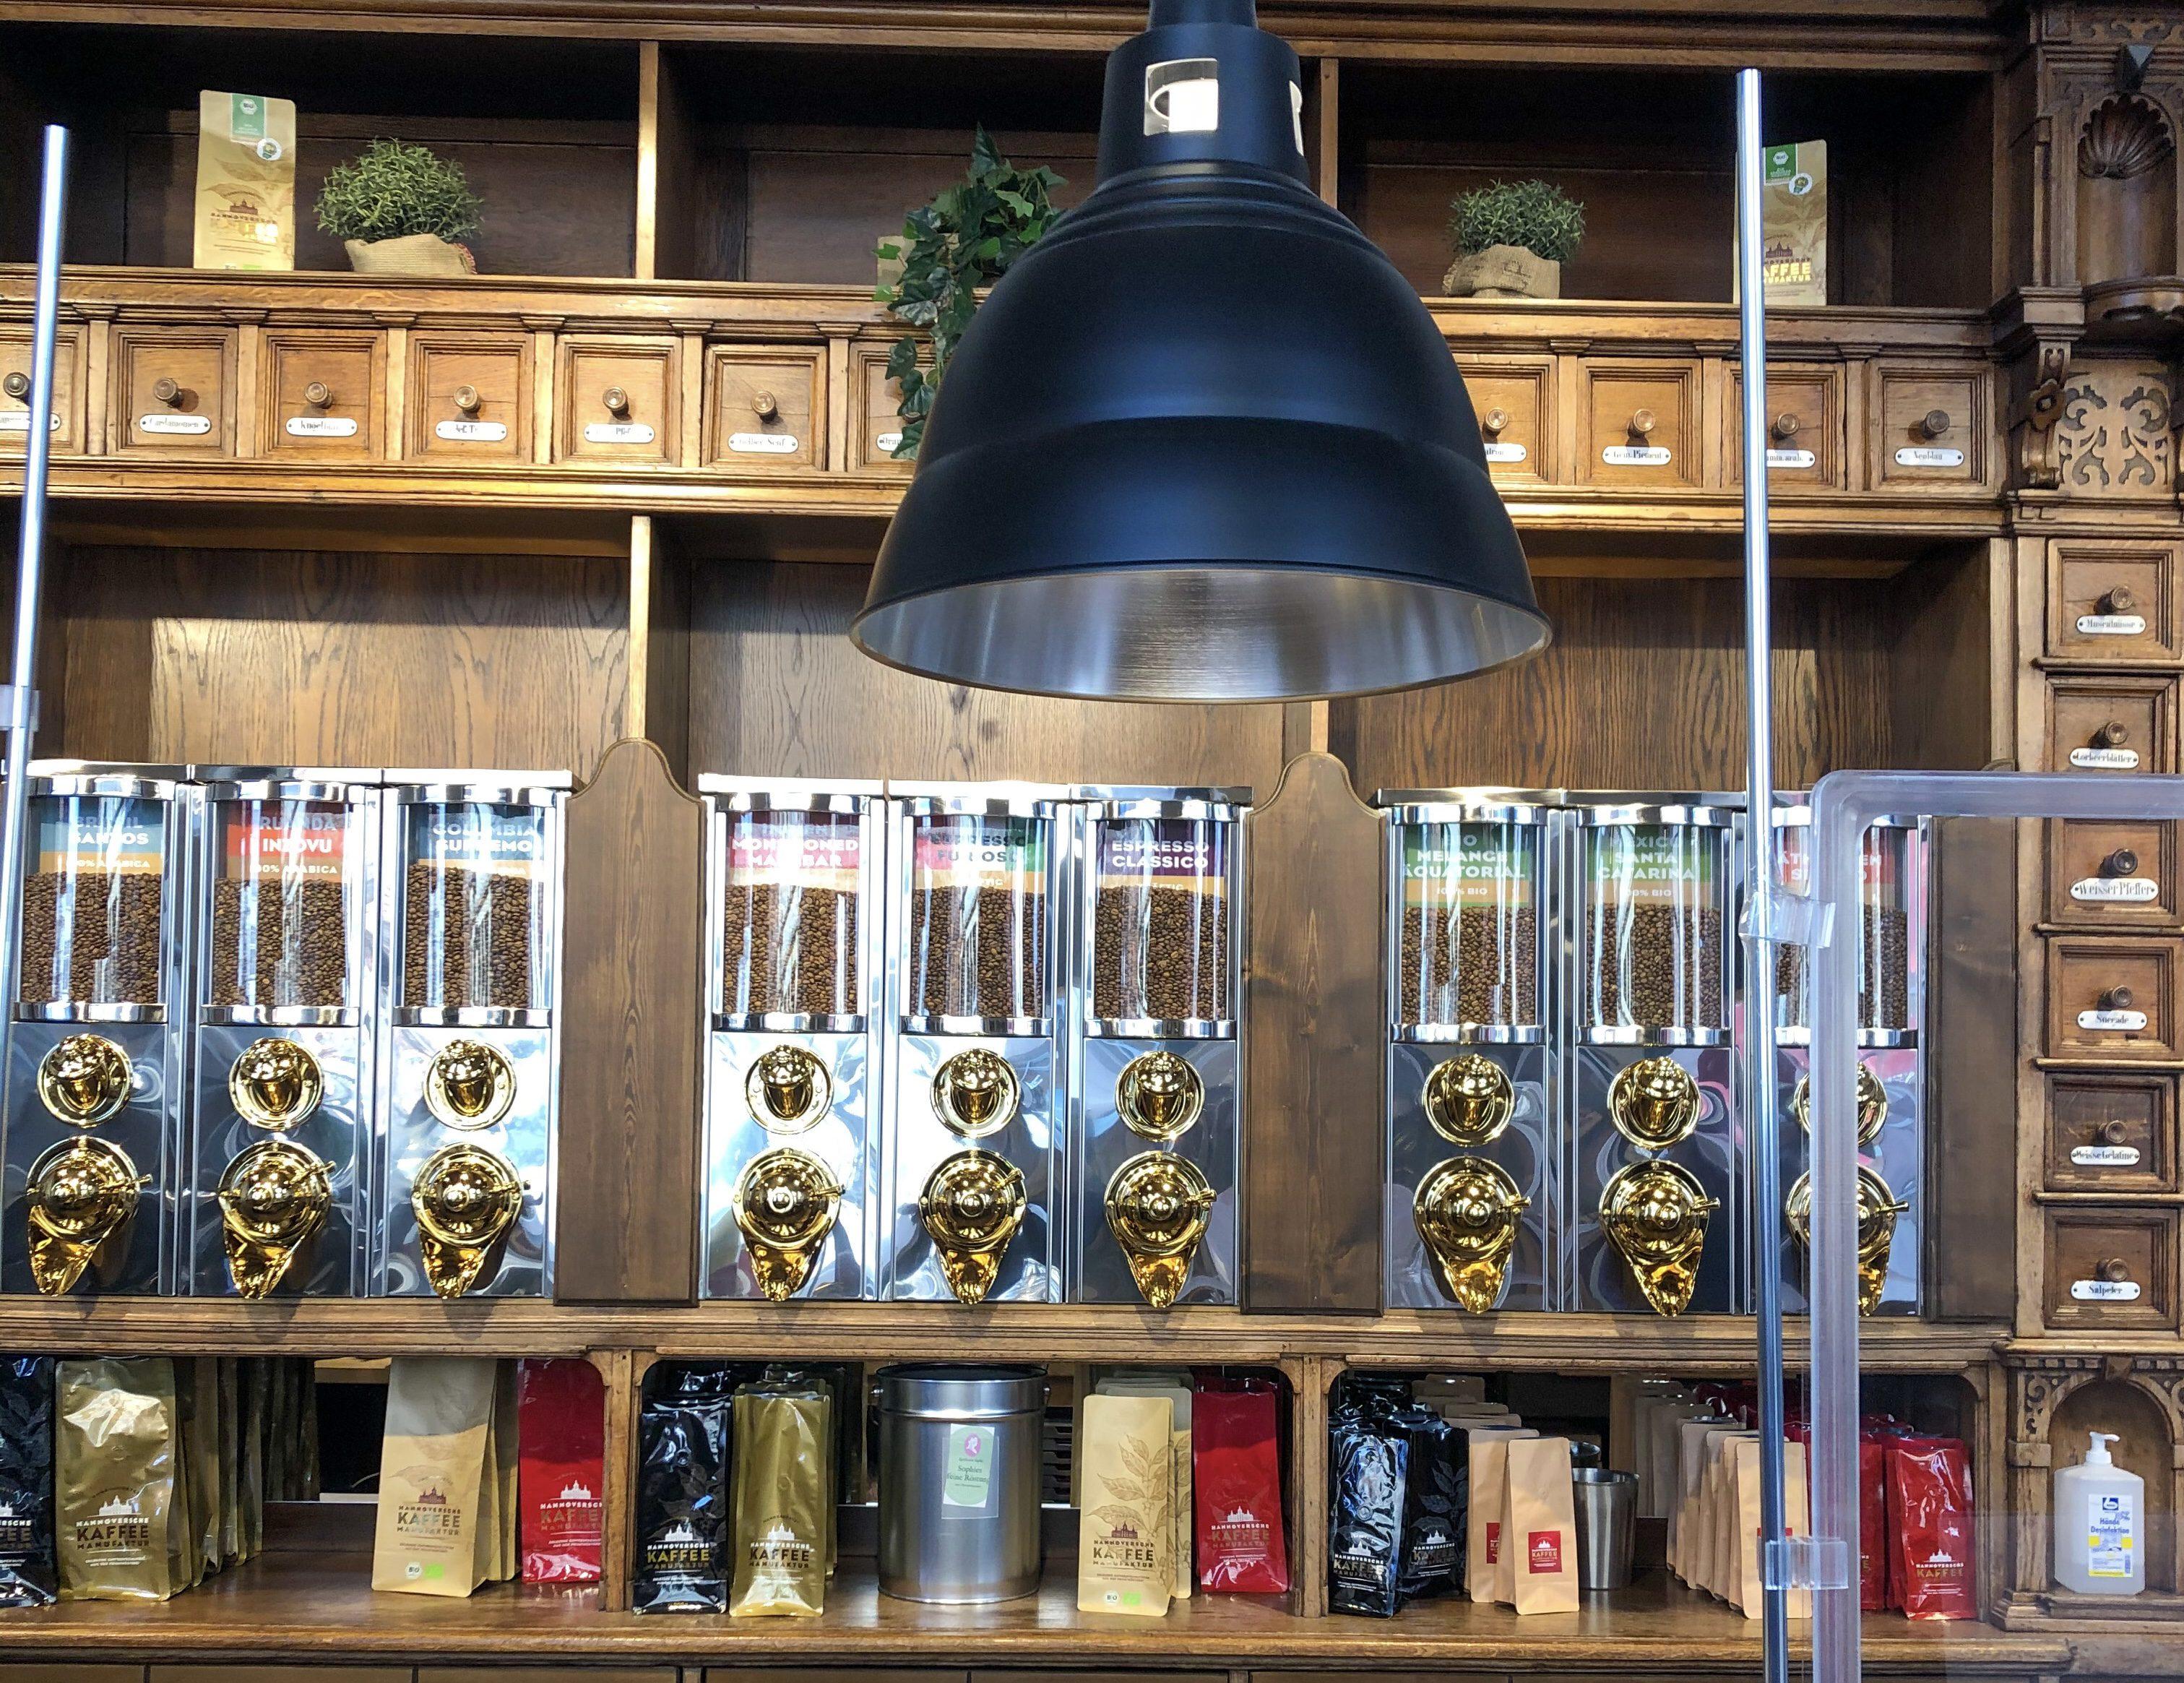 Lichtinstallation in der Hannoverschen Kaffeemanufaktur